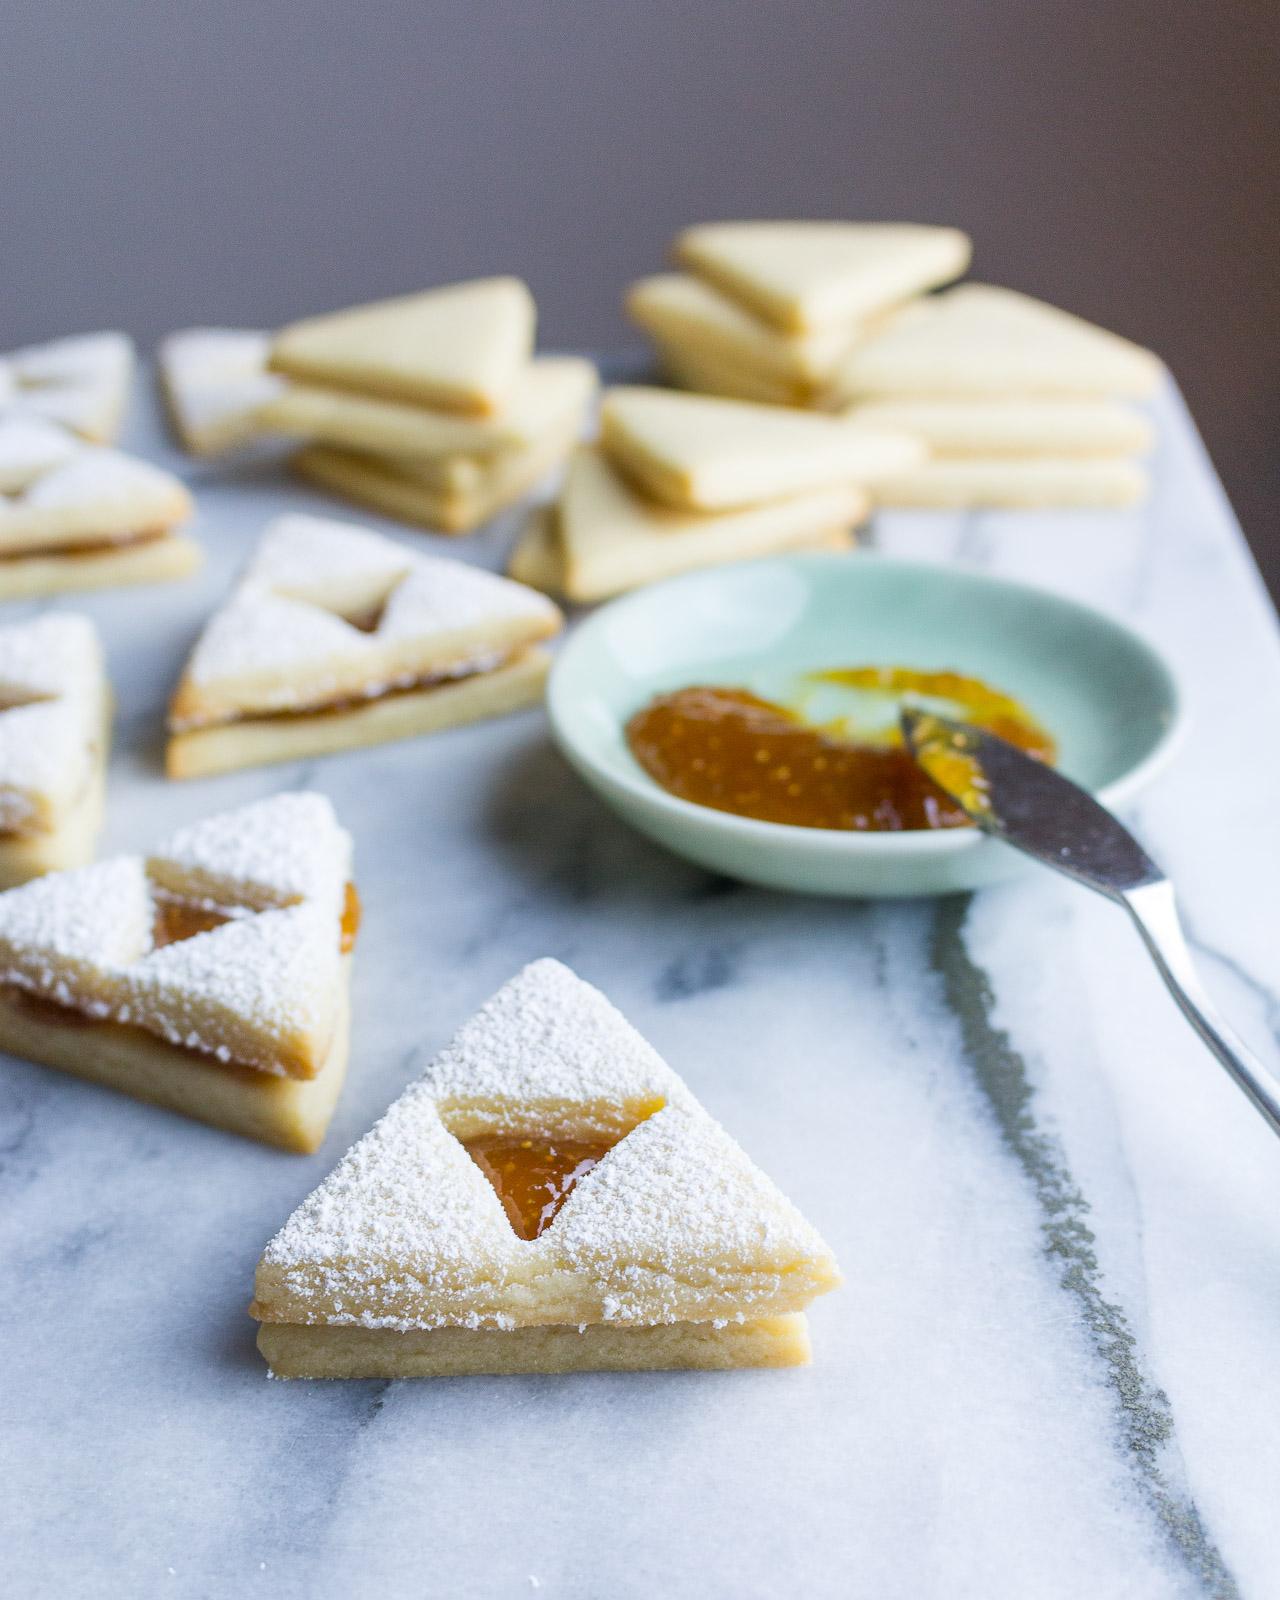 triforce-linzer-cookies-7.jpg